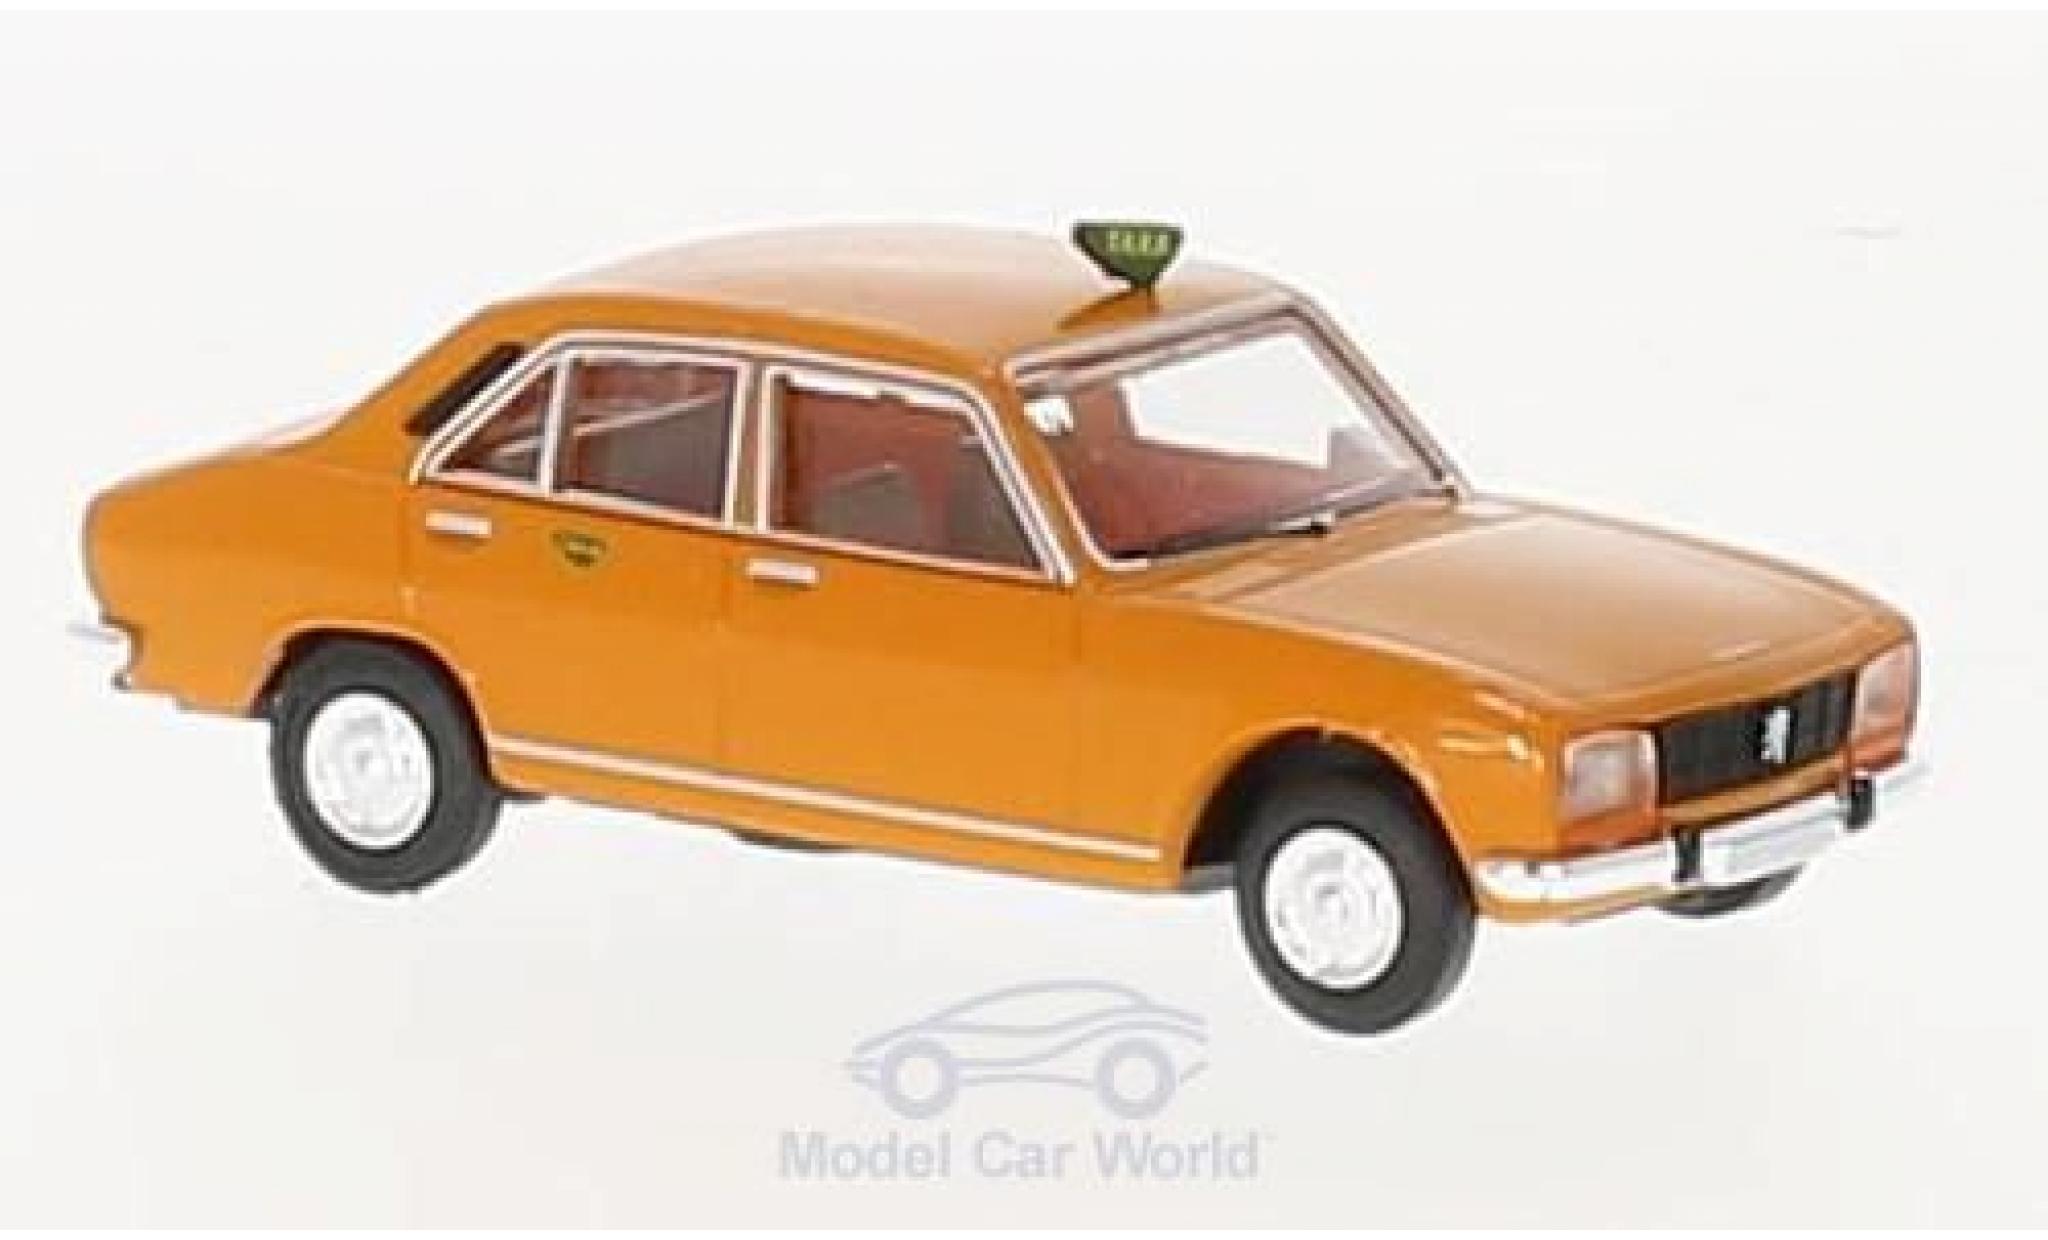 Peugeot 504 1/87 Brekina Taxa (DK)